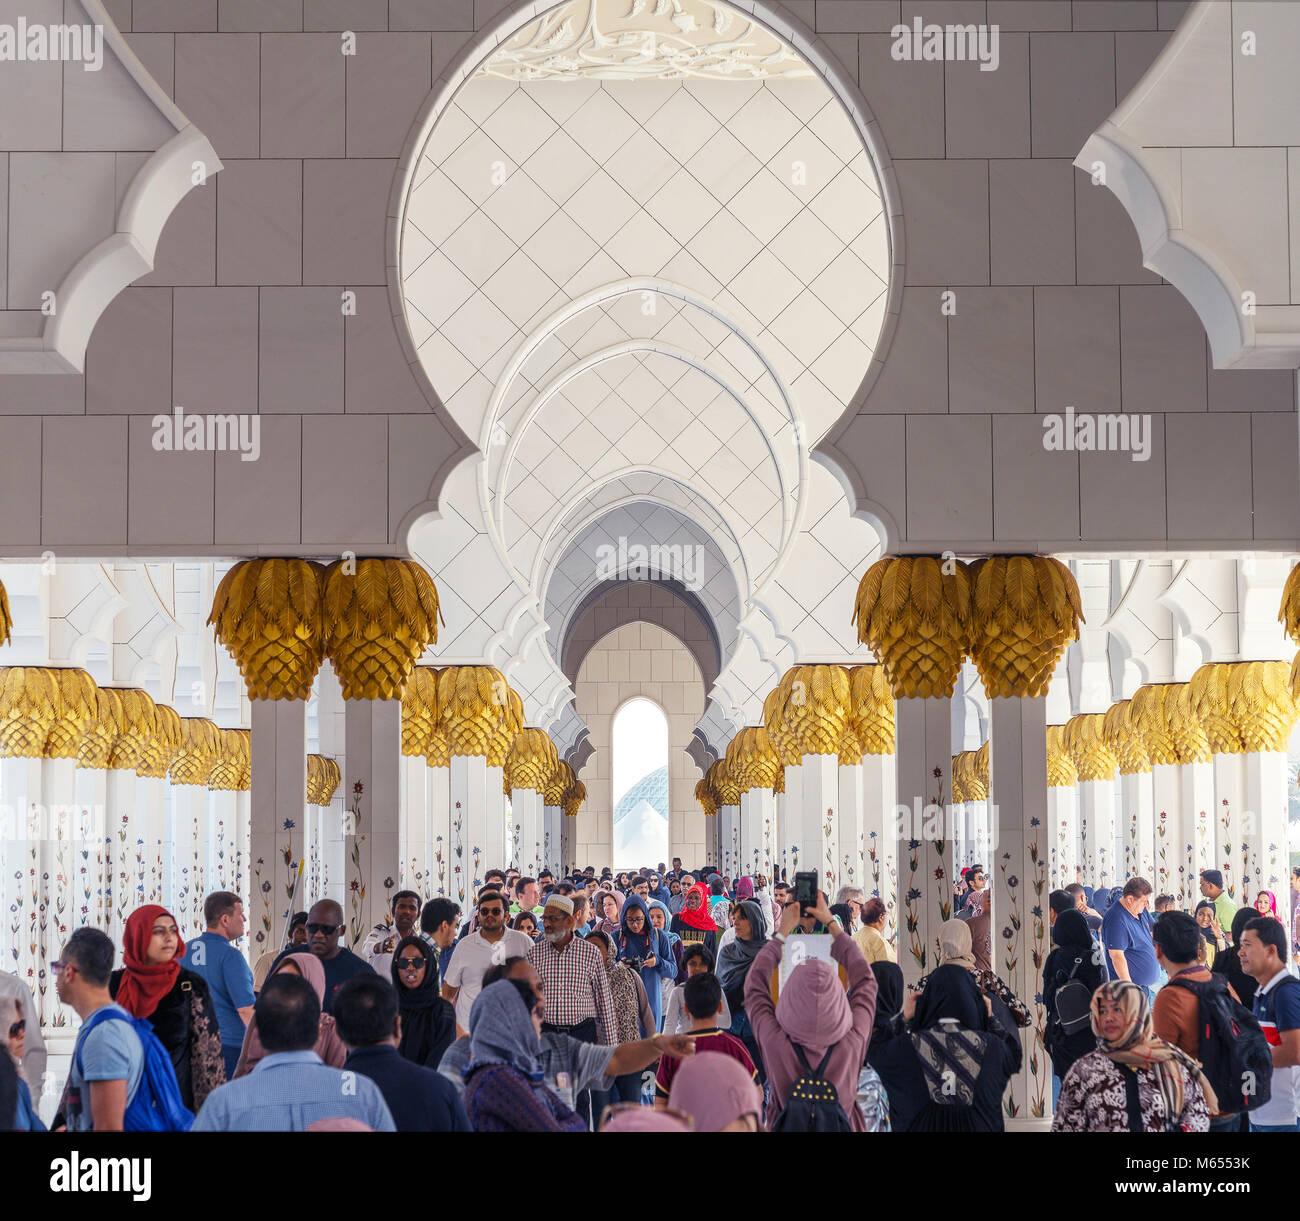 28 Dicembre 2017 - Abu Dhabi, Emirati arabi uniti. I turisti che visitano splendida Moschea Sheikh Zayed durante Immagini Stock